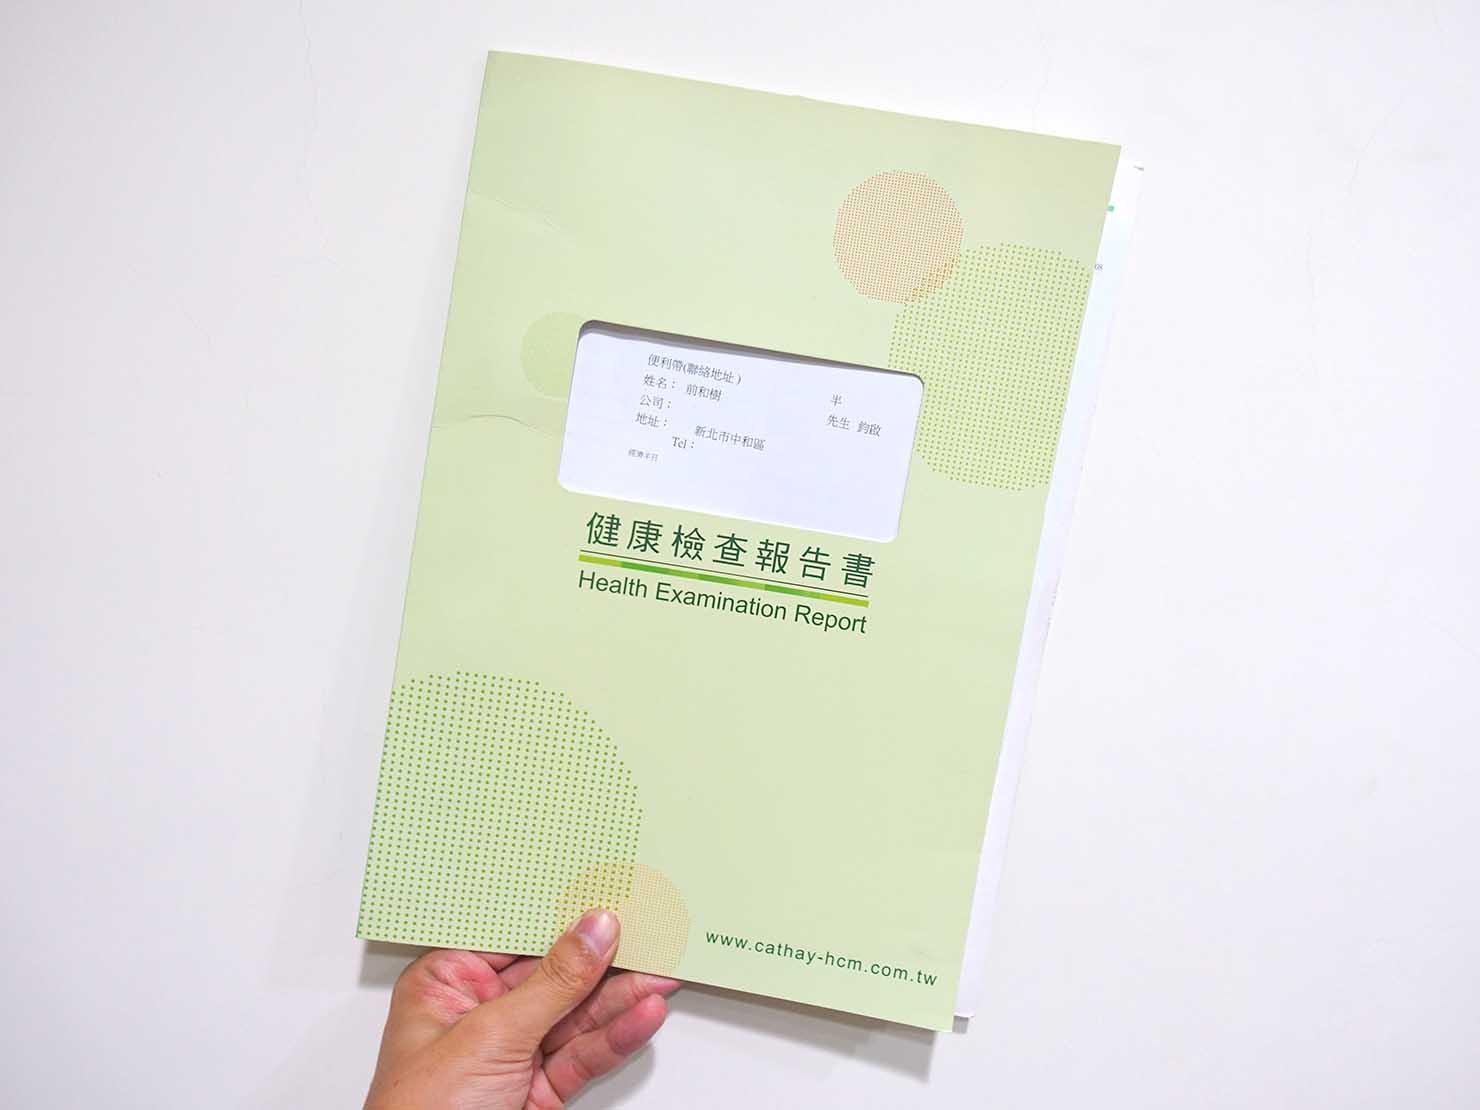 台湾の健康診断センター「國泰健康管理」から郵送される健康檢查報告書